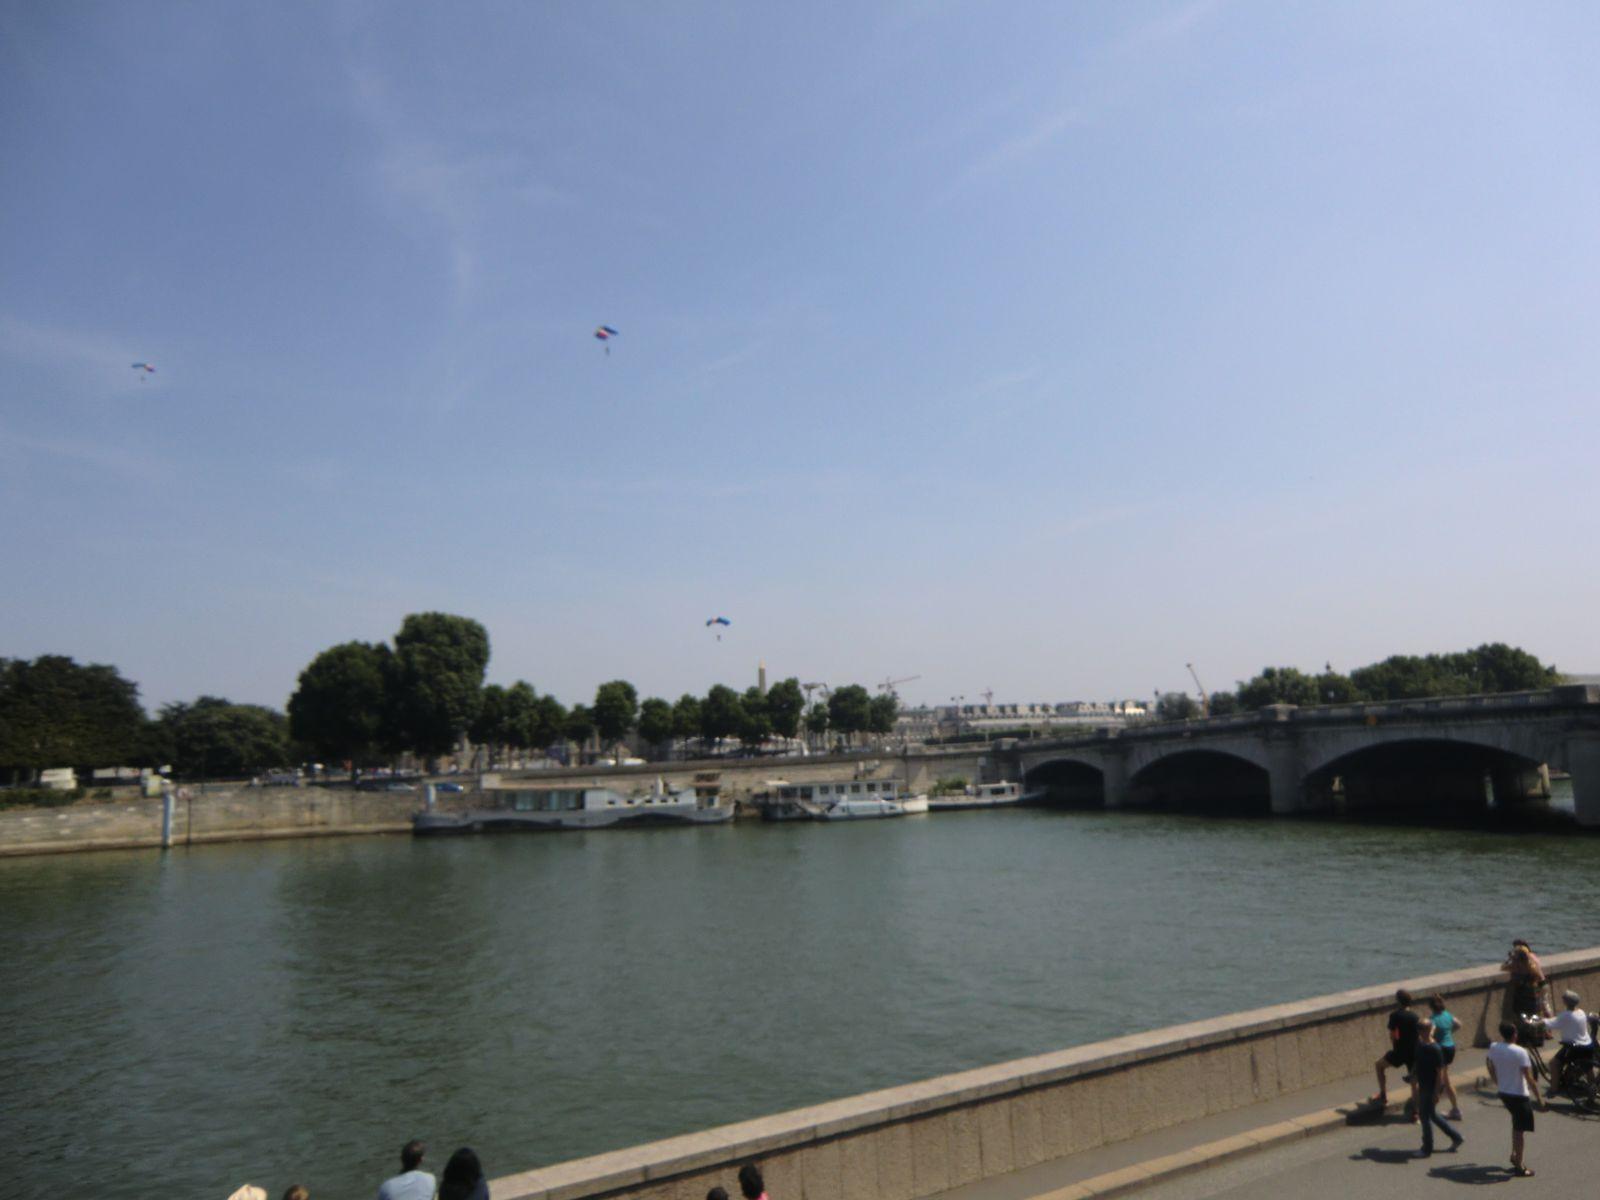 La descente des parachutistes vers la Concorde. Mais pas facile de réussir les photos des hélicoptères et des parachutistes dans le ciel. J'avais le soleil juste au dessus de moi qui m'éblouissait et du coup j'avais du mal à les voir dans mon appareil photo